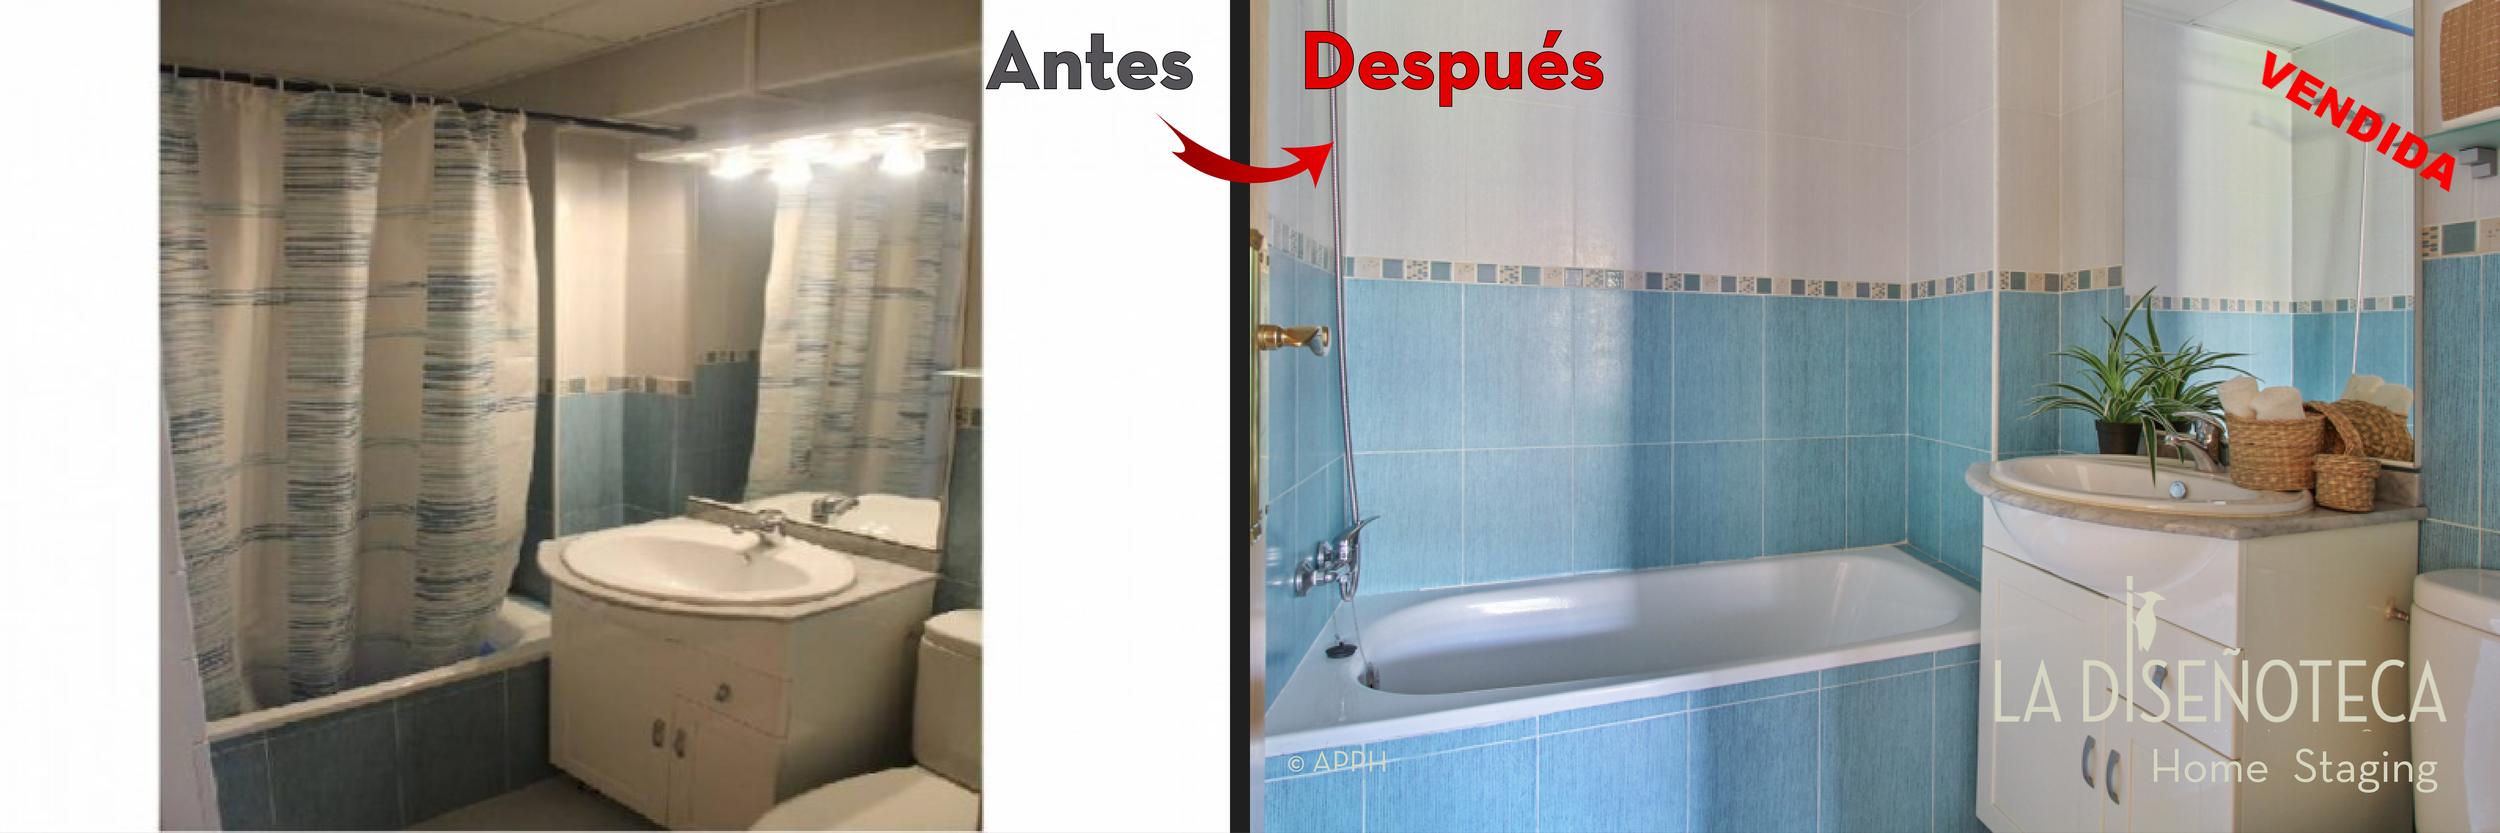 AntesyDespues Sevilla_baño.png